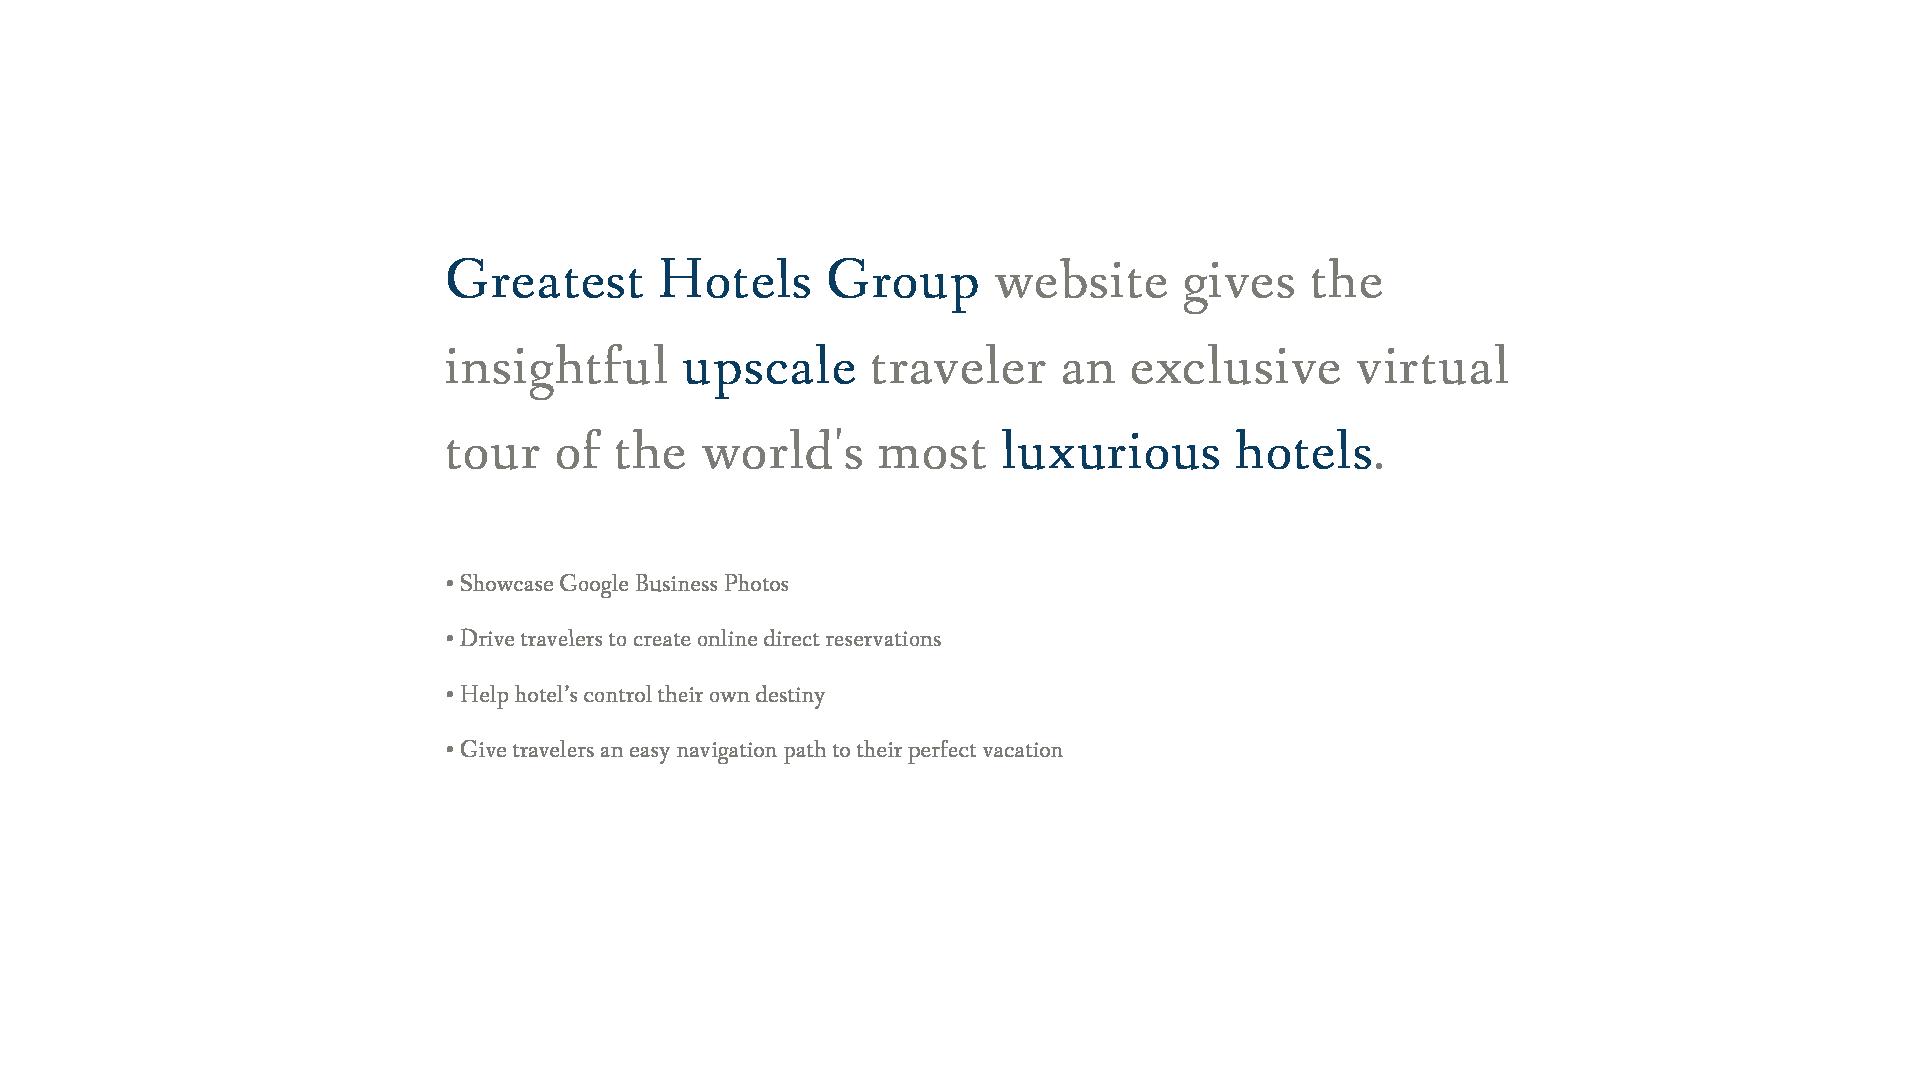 GreatestHotels_Slide3.png